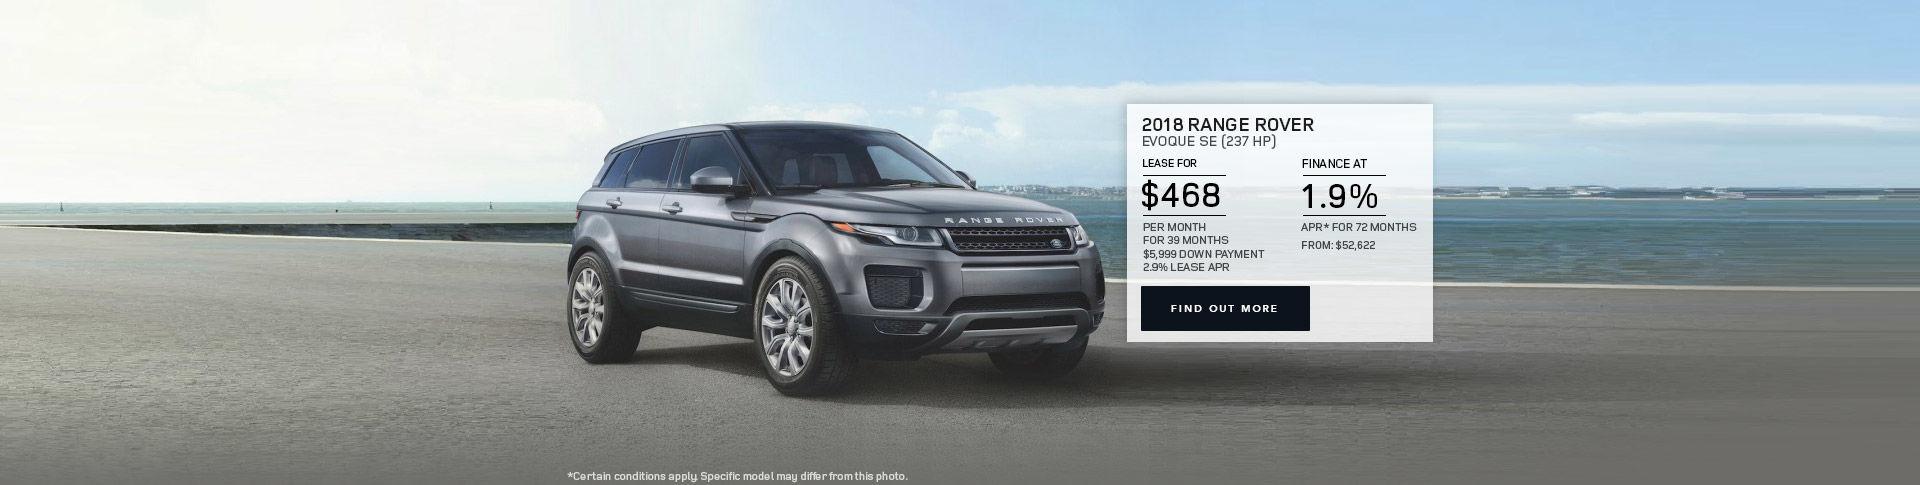 2018 Rover Evoque